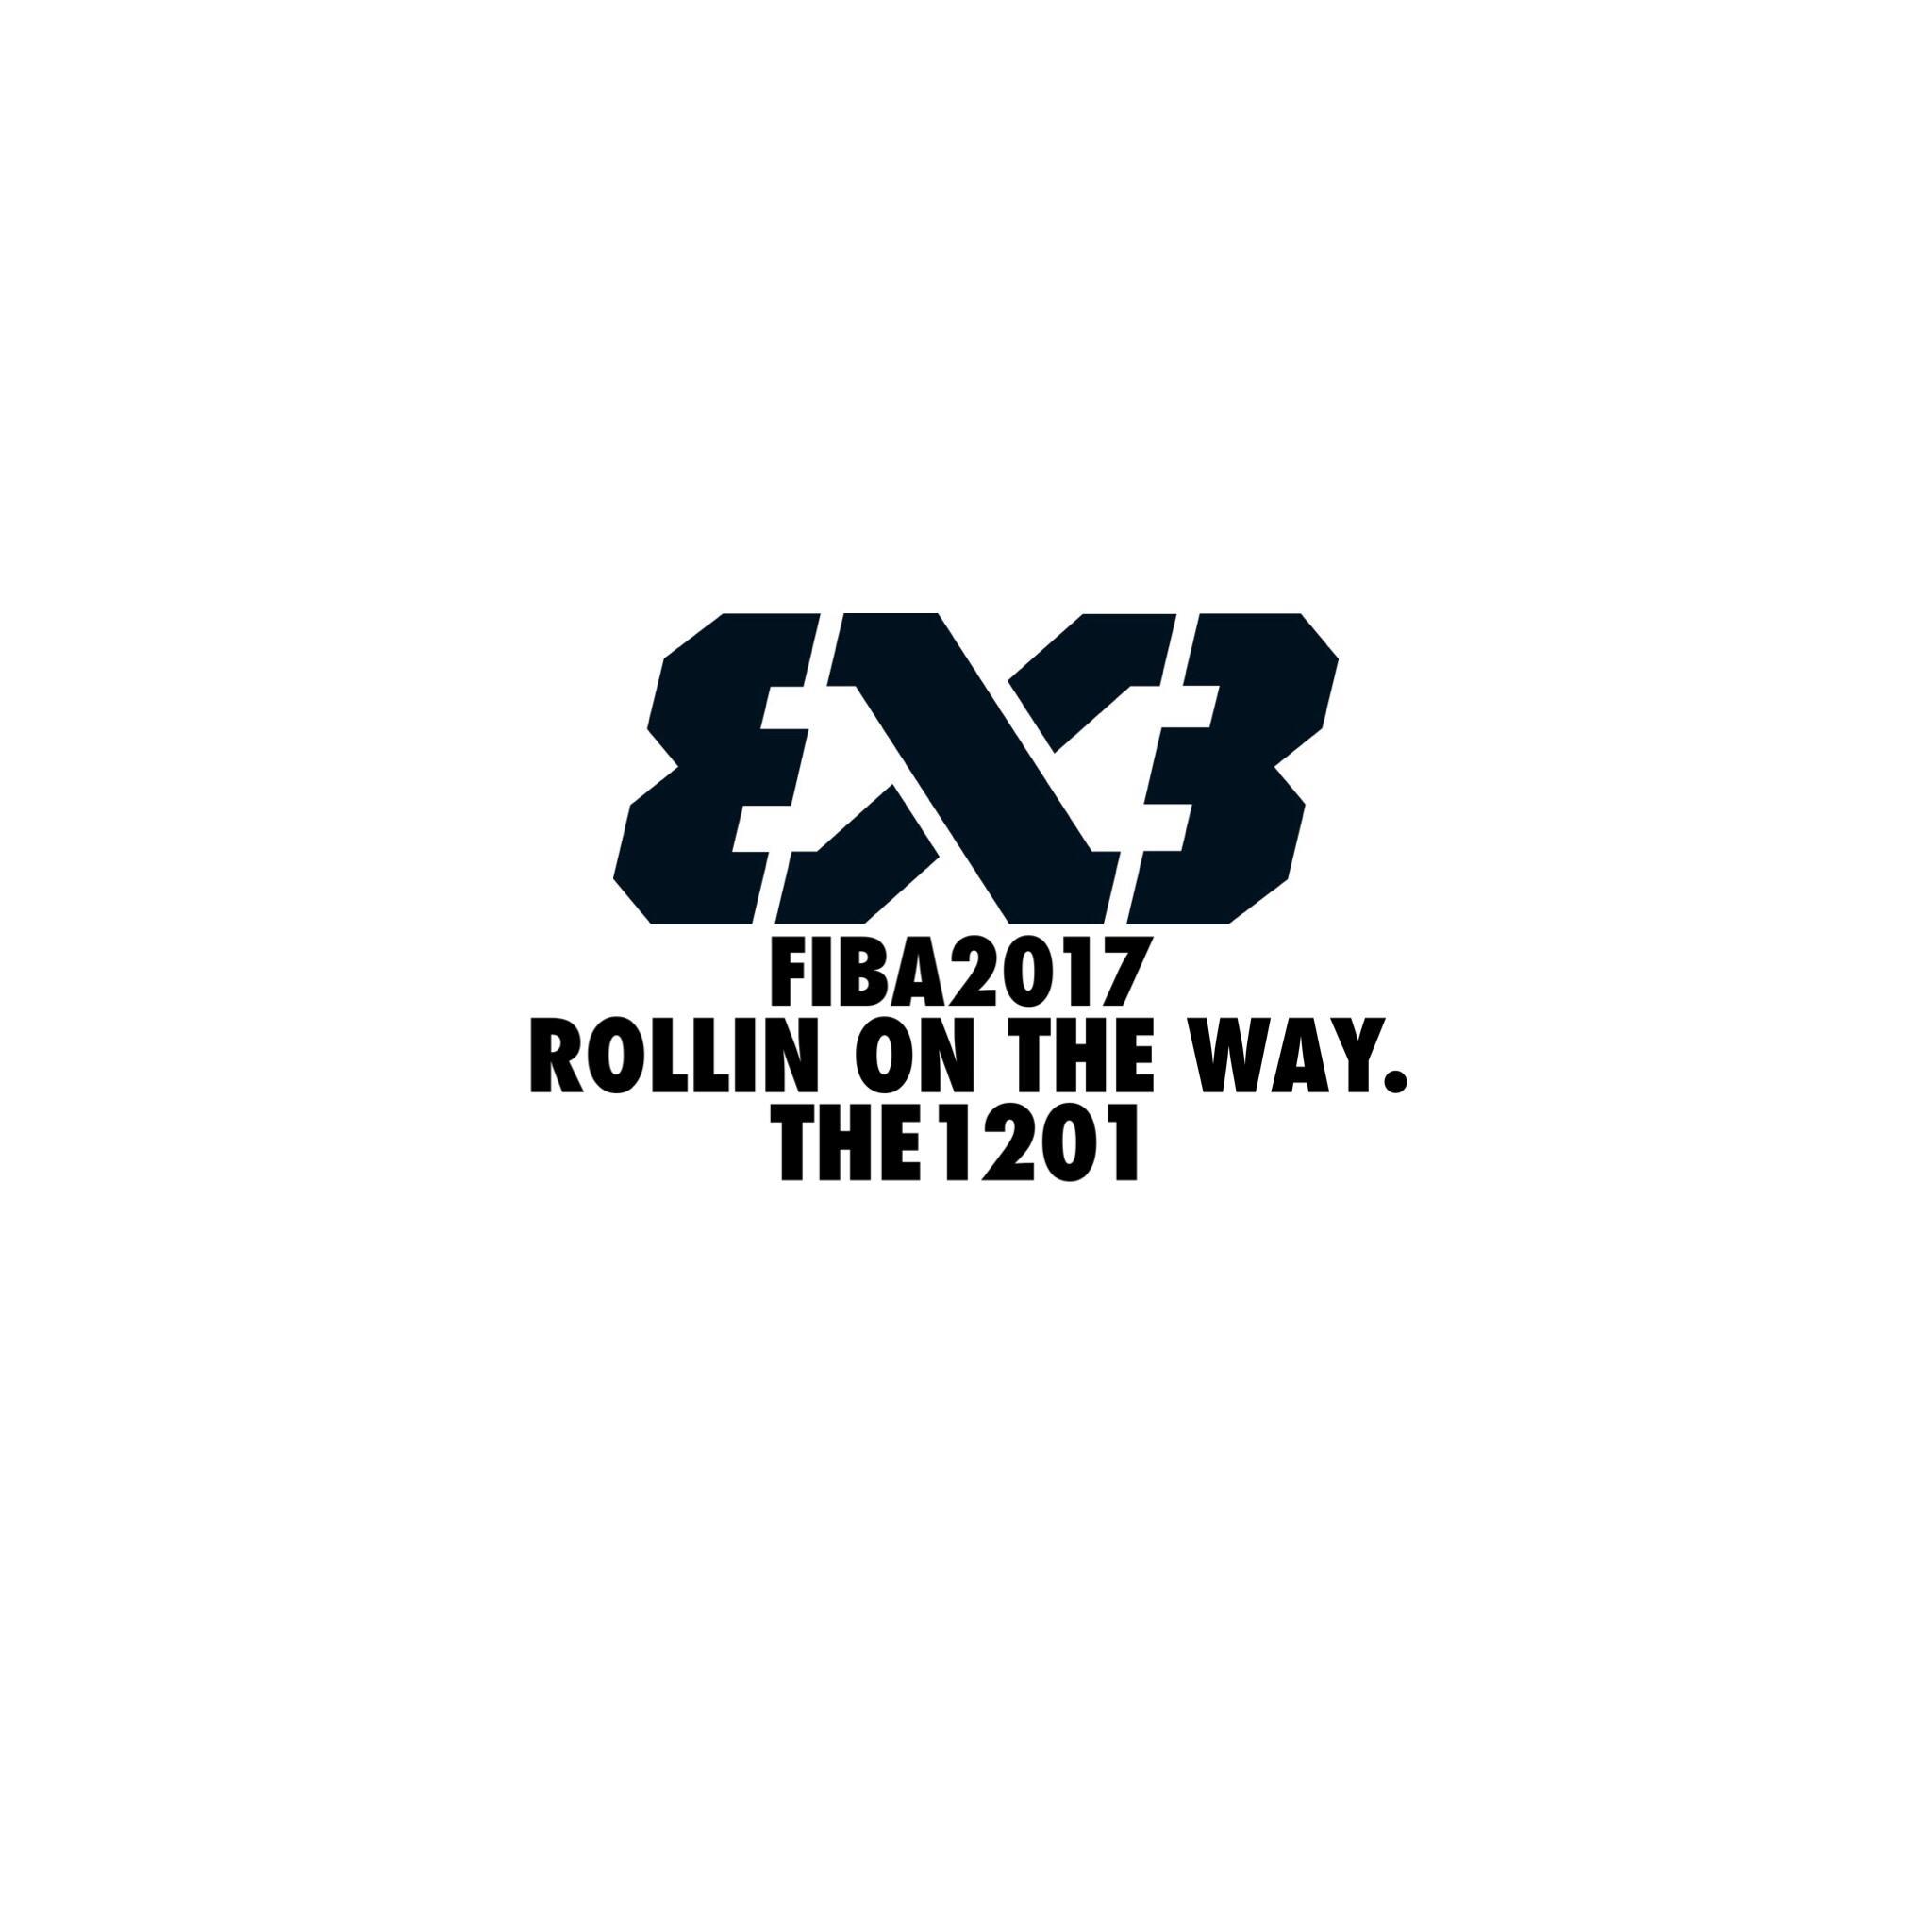 logo logo 标志 设计 矢量 矢量图 素材 图标 2048_2048